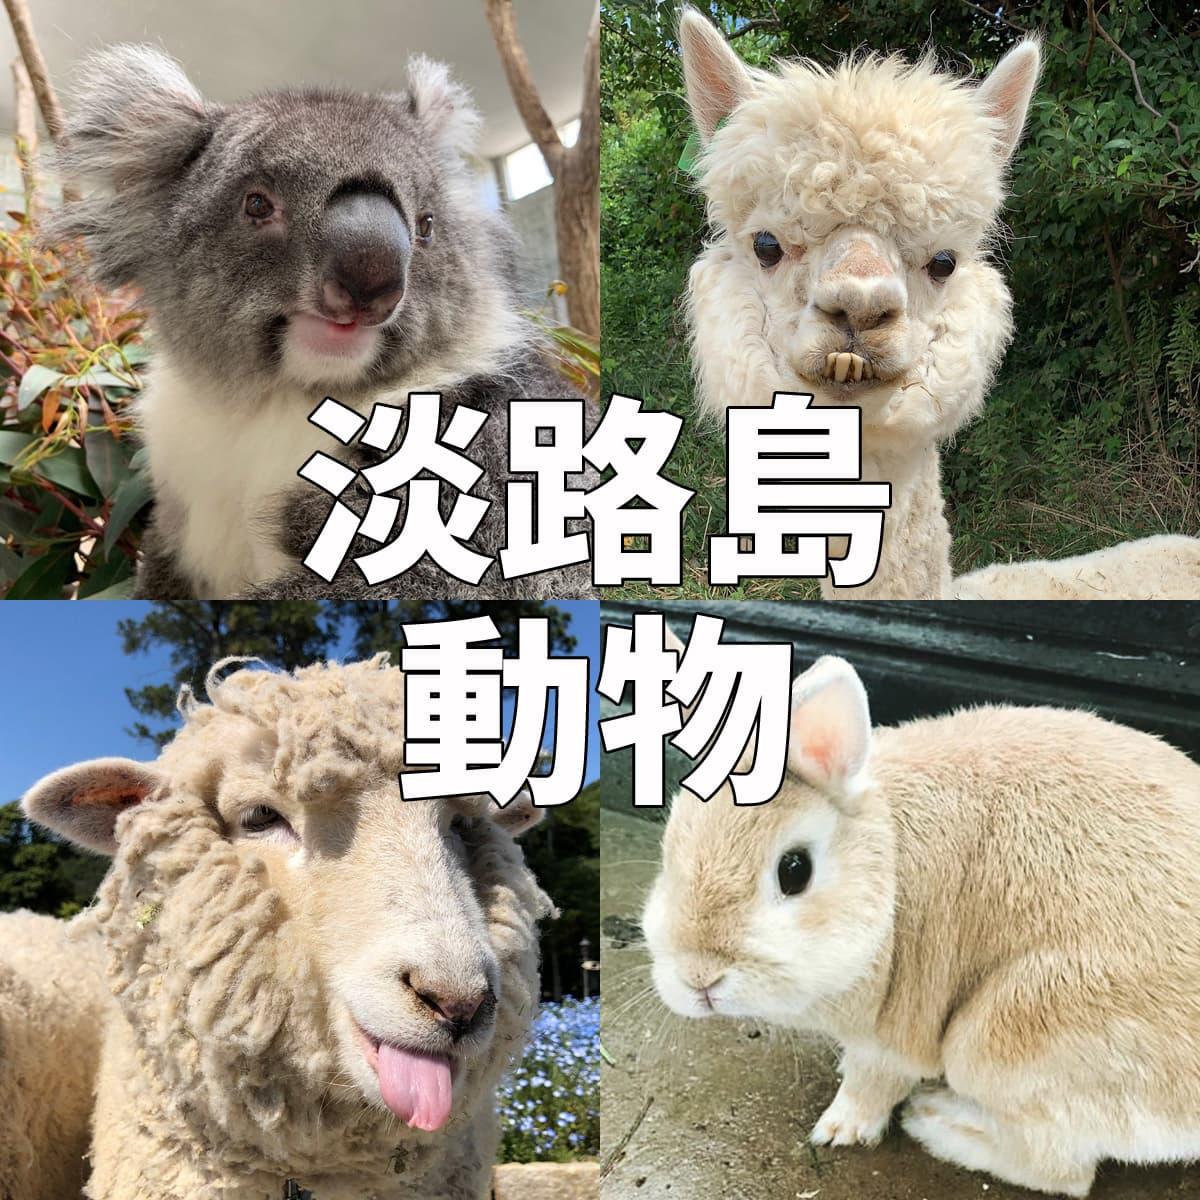 淡路島 動物ふれあいスポット